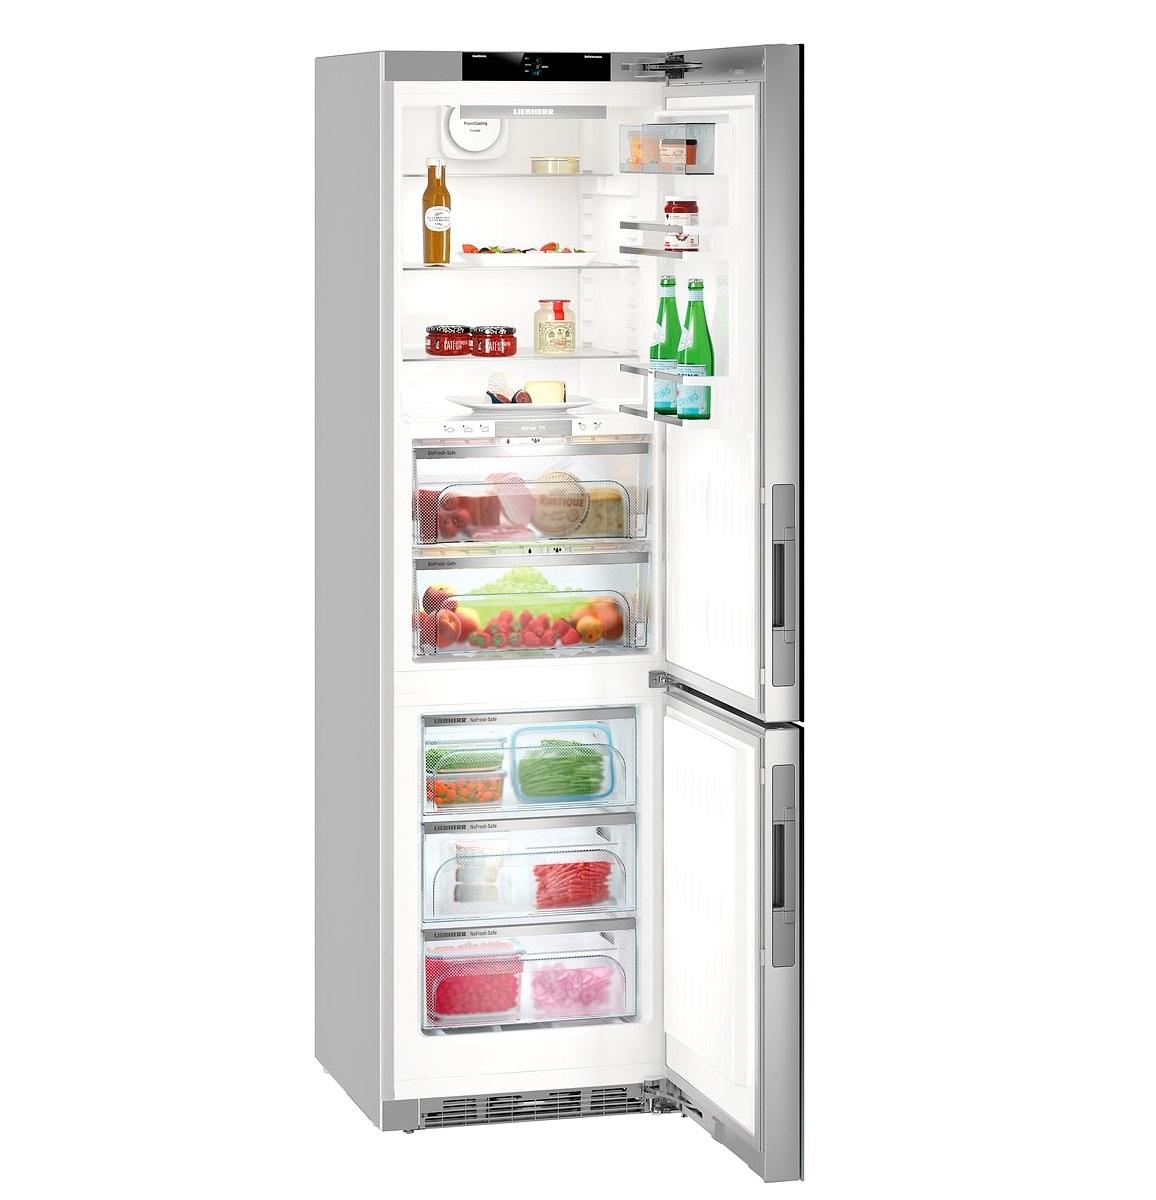 купить Двухкамерный холодильник Liebherr CBNPgb 4855 Украина фото 3